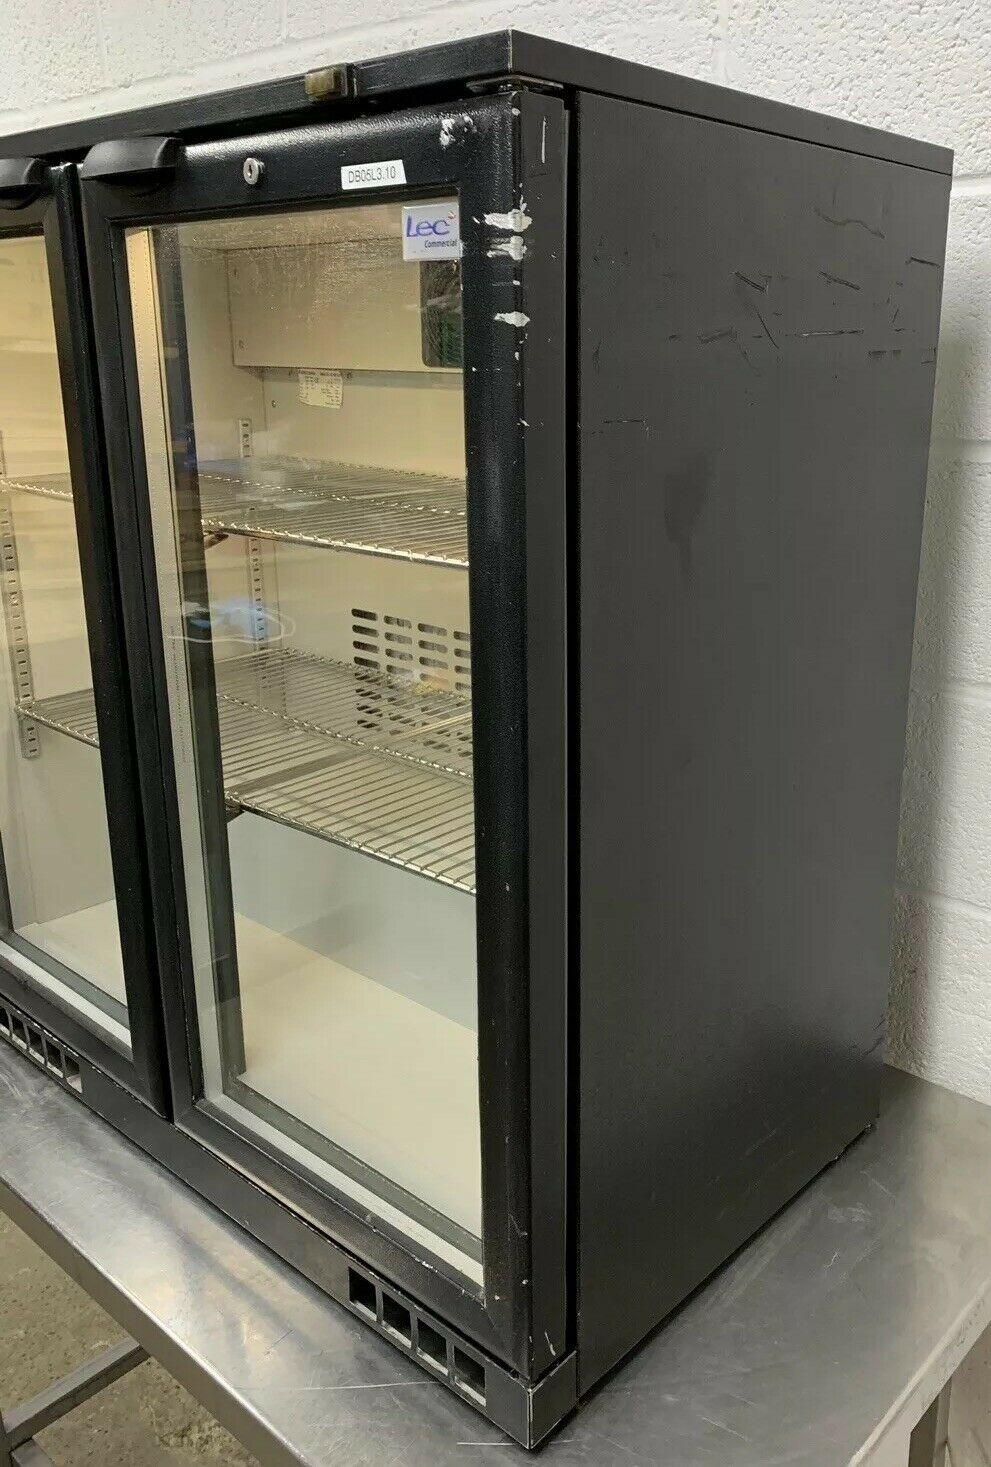 LEC BC9004K Double Door Drinks Display Fridge - Image 4 of 8